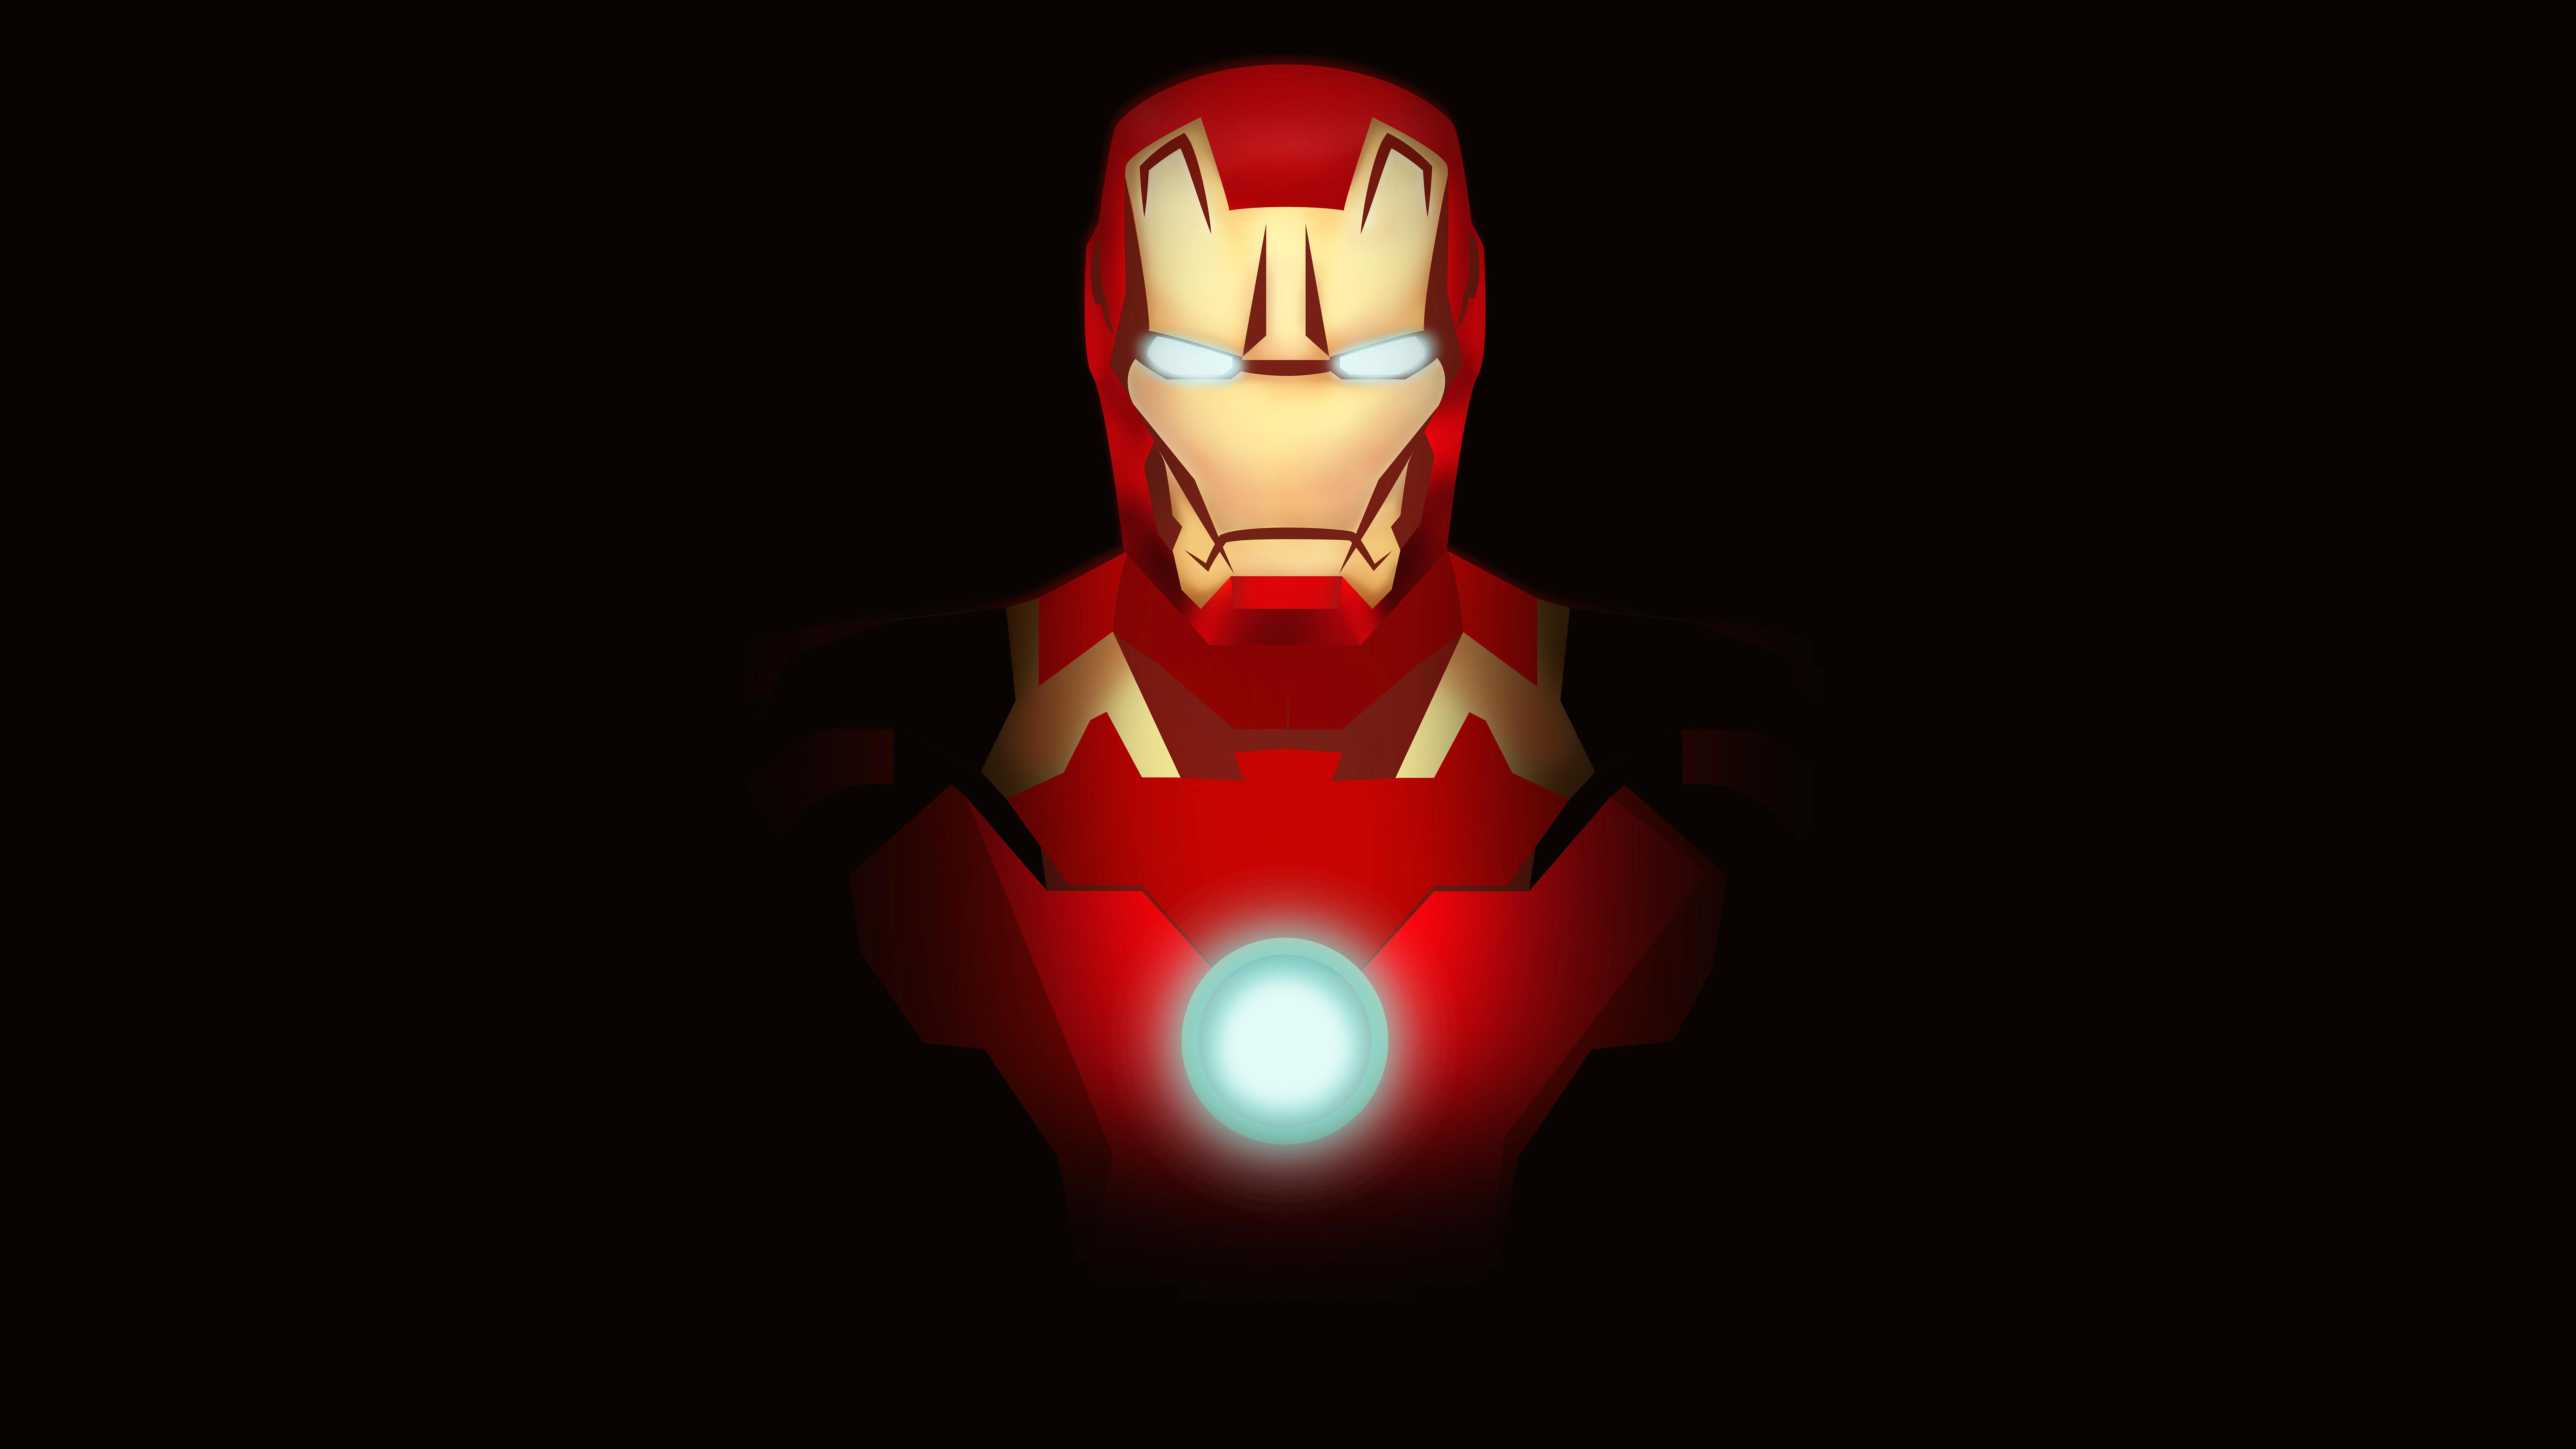 Iron Man Minimal Fan Art 4k 8k Wallpapers Hd Wallpapers